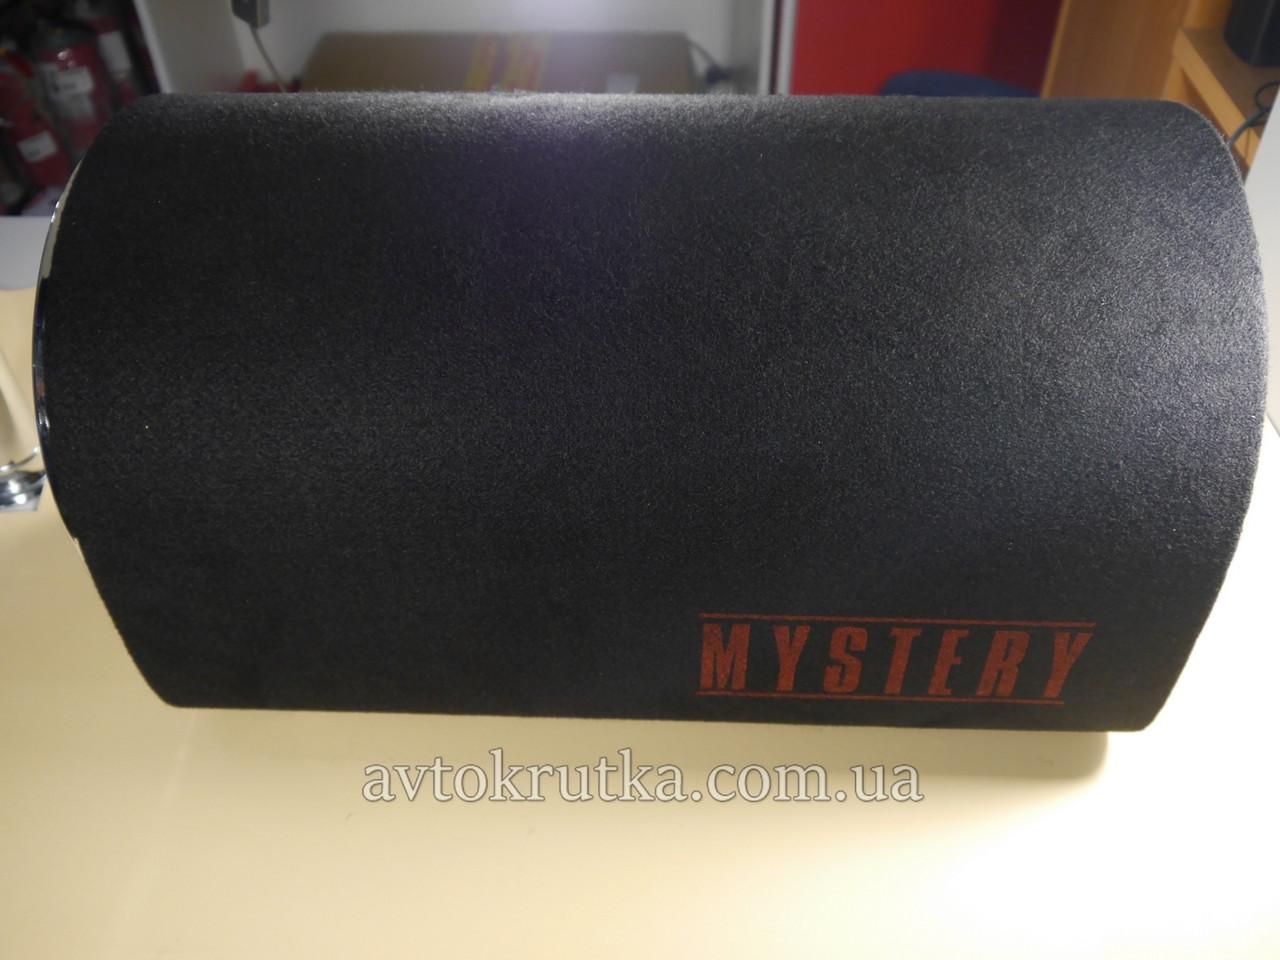 Автосабвуфер Mystery MTB-250A. Активный